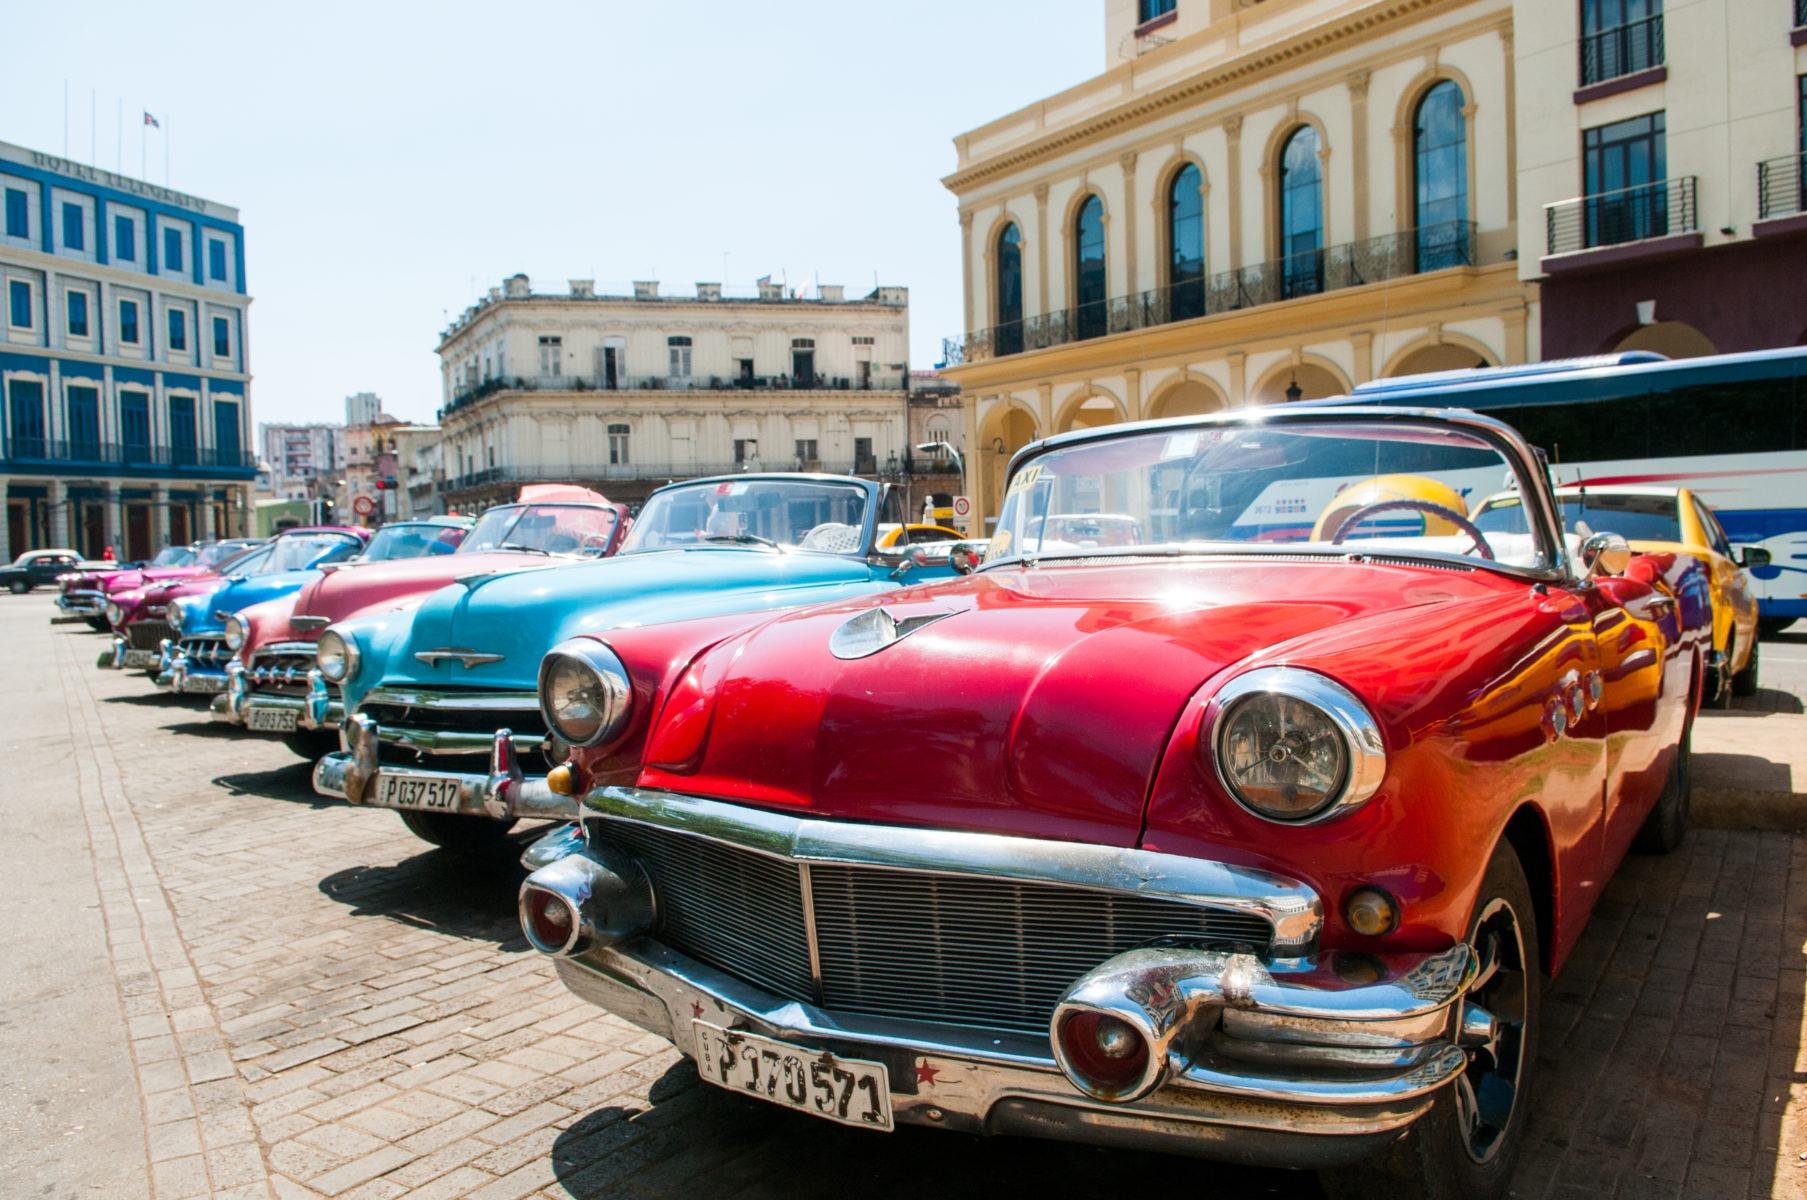 voyages organisés à Cuba